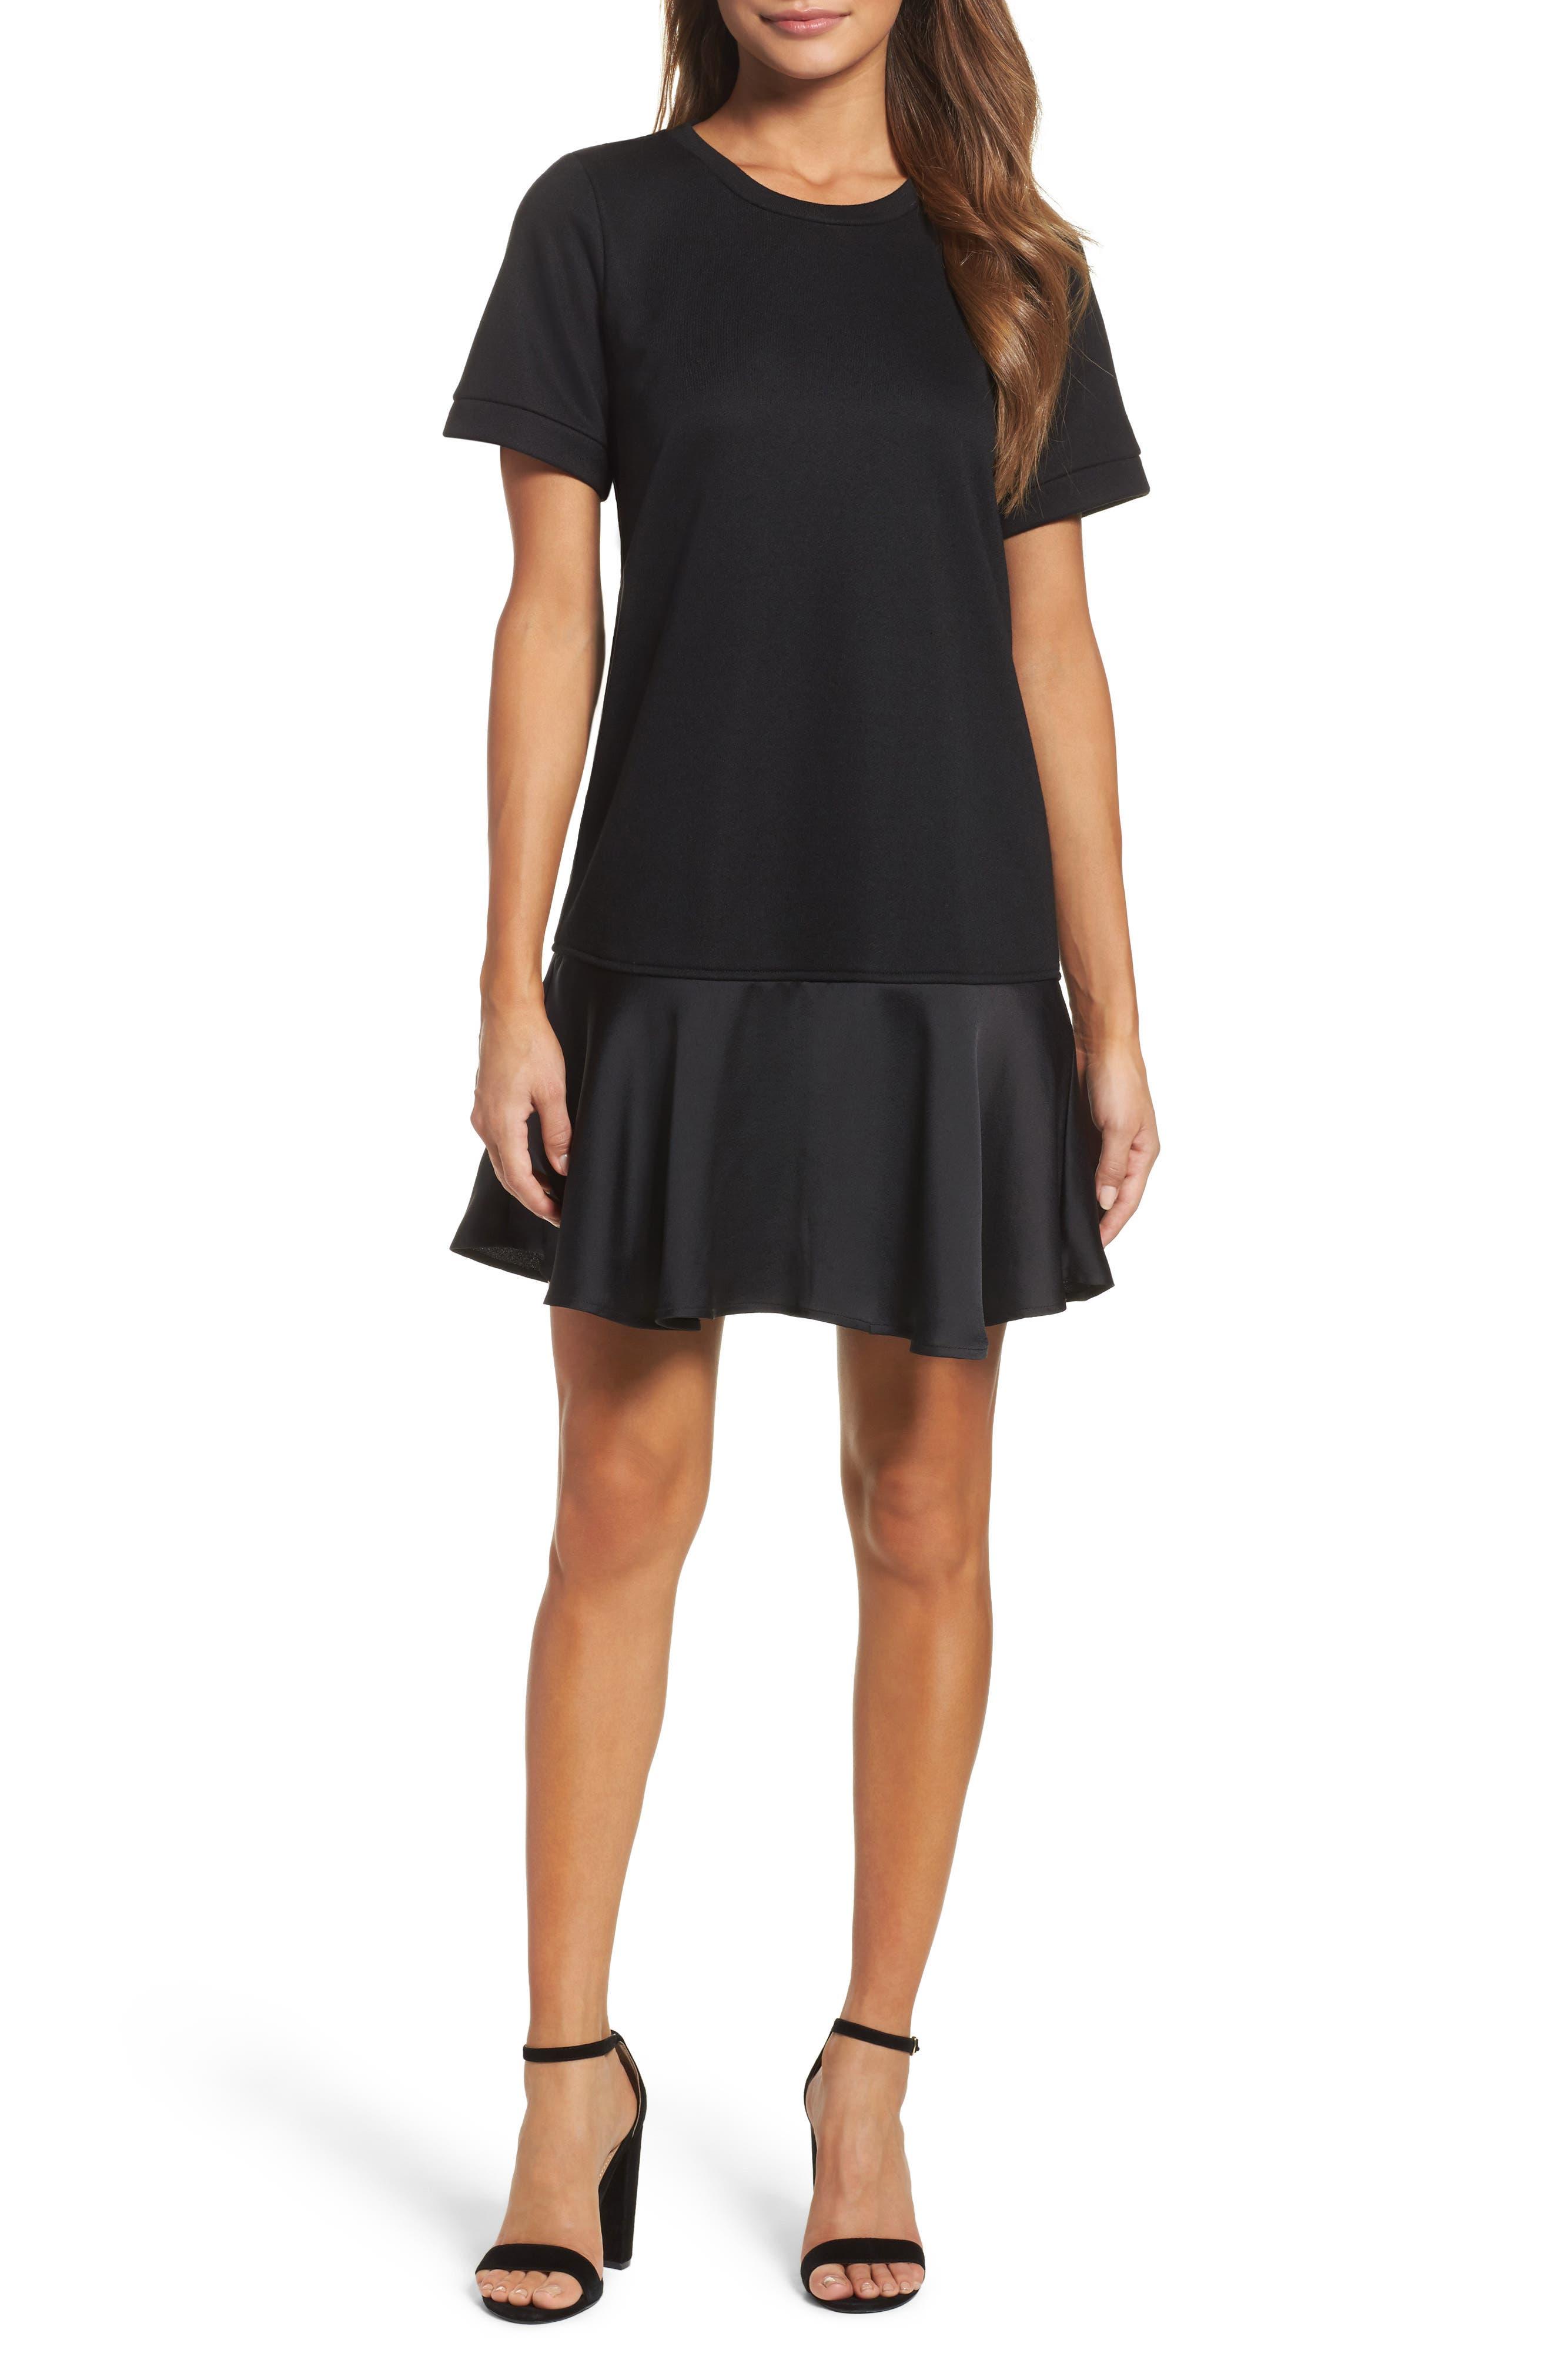 CHELSEA28 Ruffle Hem Sweatshirt Dress, Main, color, 001